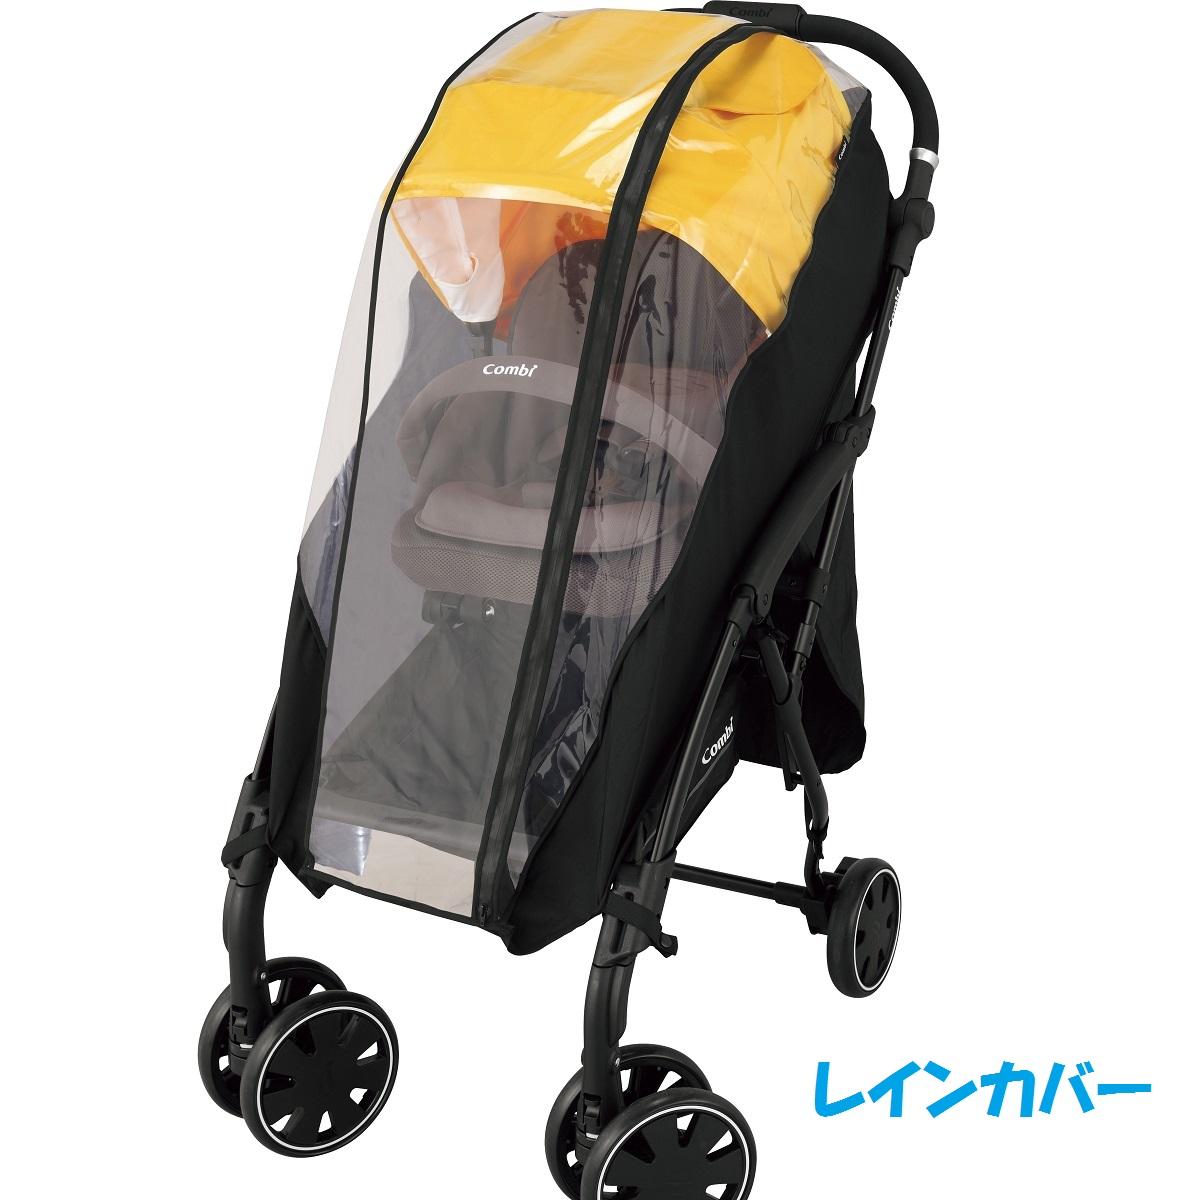 Combi(コンビ) ベビーカーAttO専用クイックレインカバー ブラック(BK) 173629 / QuickRainCover【正規販売店】コンビ株式会社より直接仕入れています。